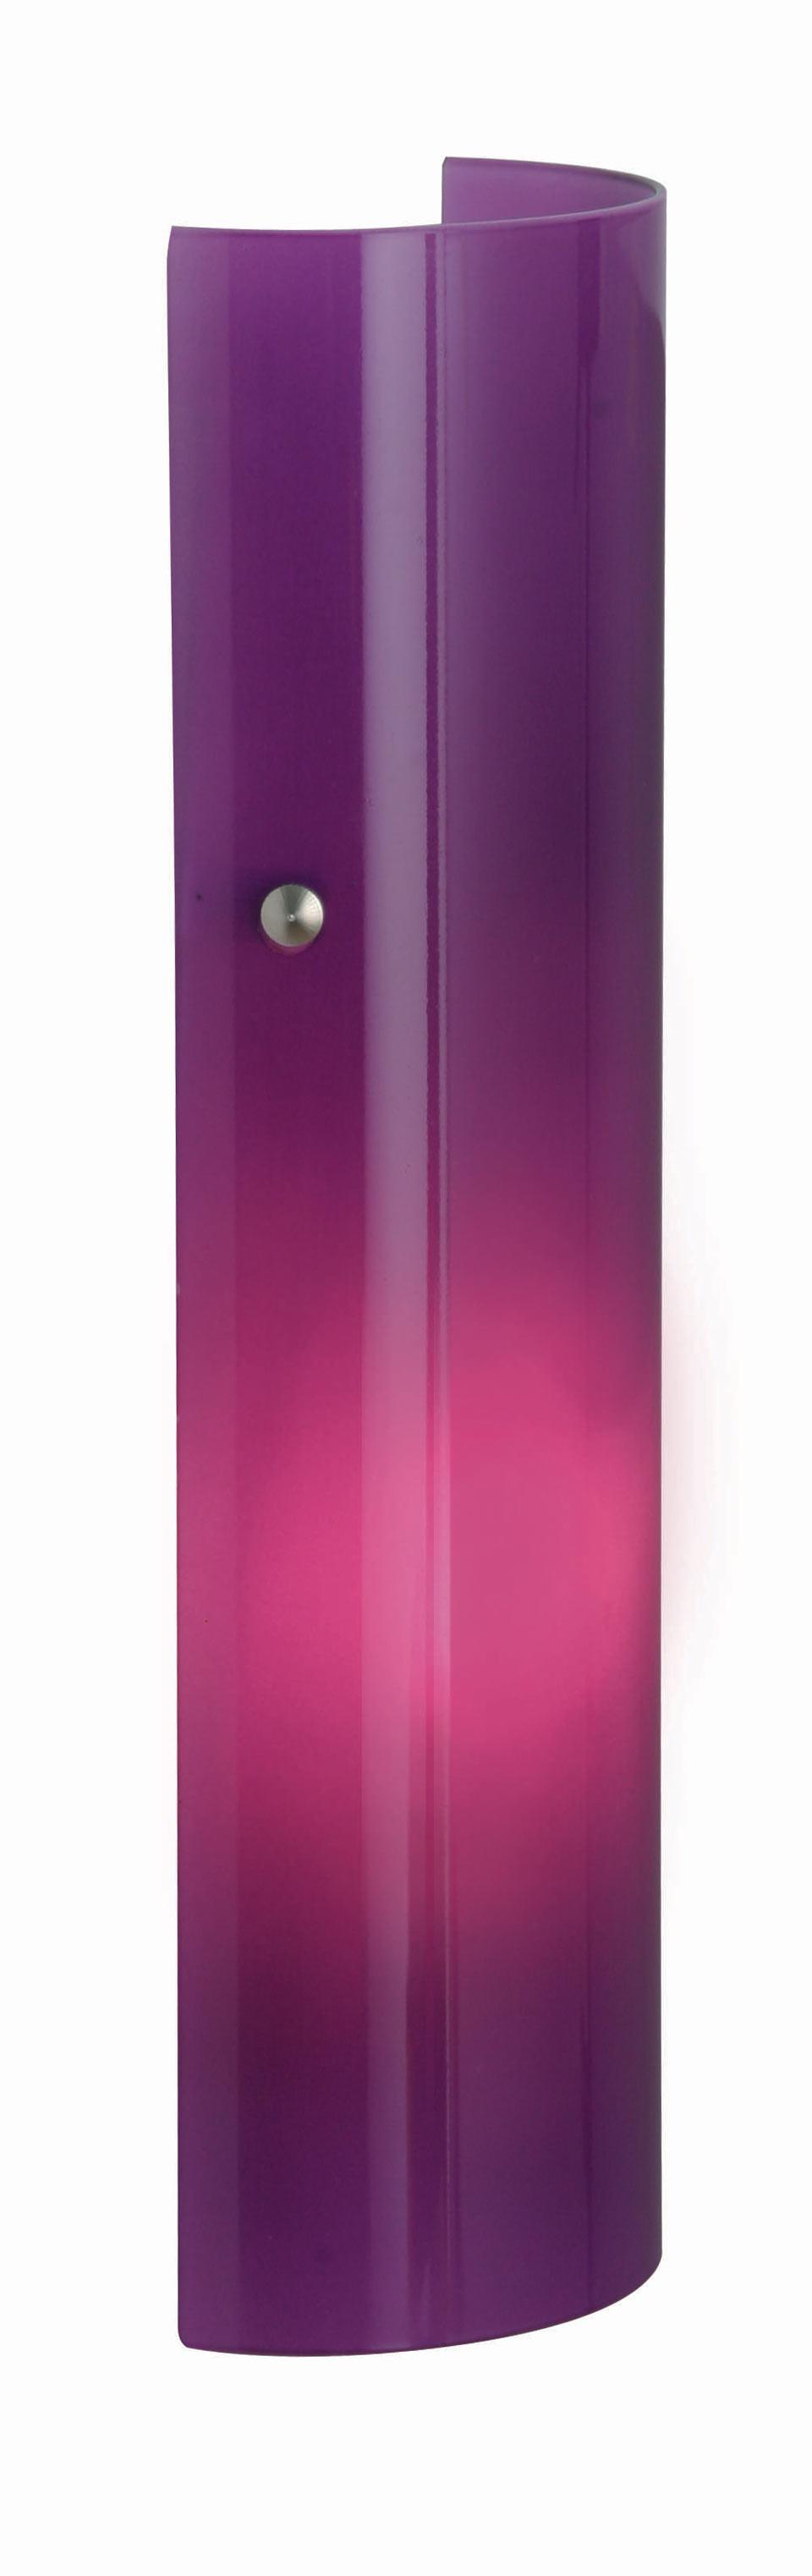 Lux Men applique verrerie violette. Concept Verre.